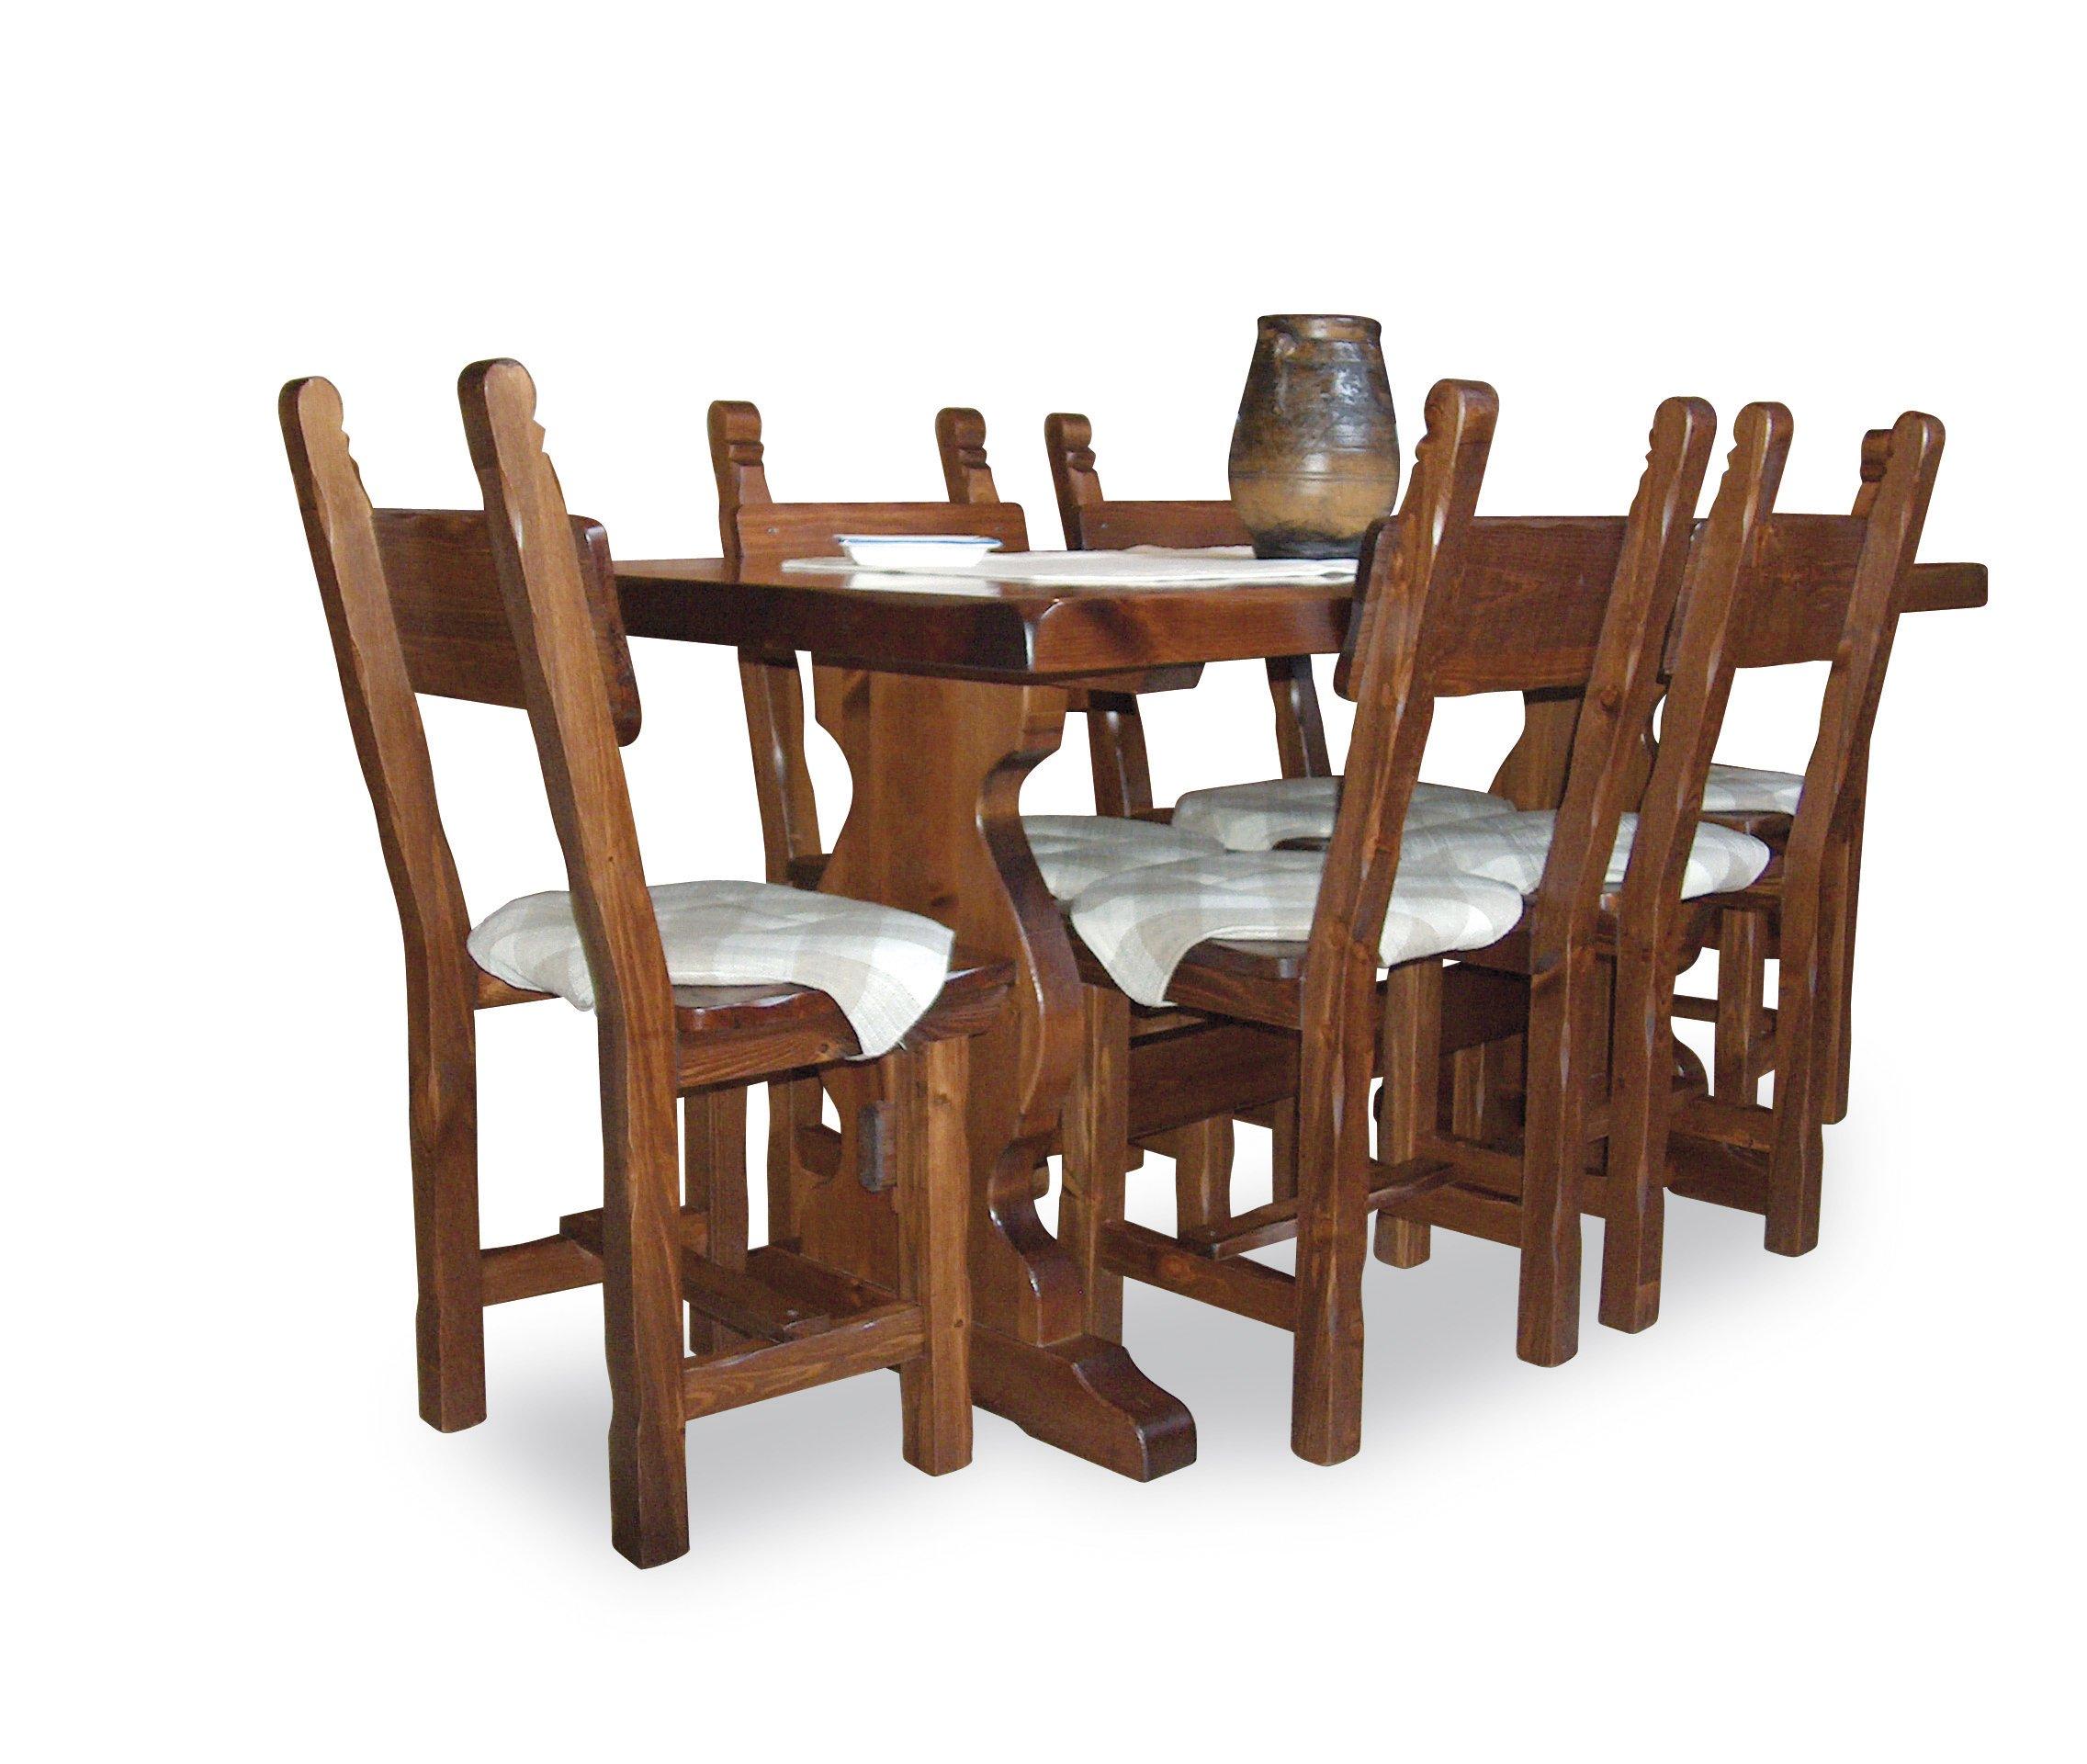 sedia rusticona